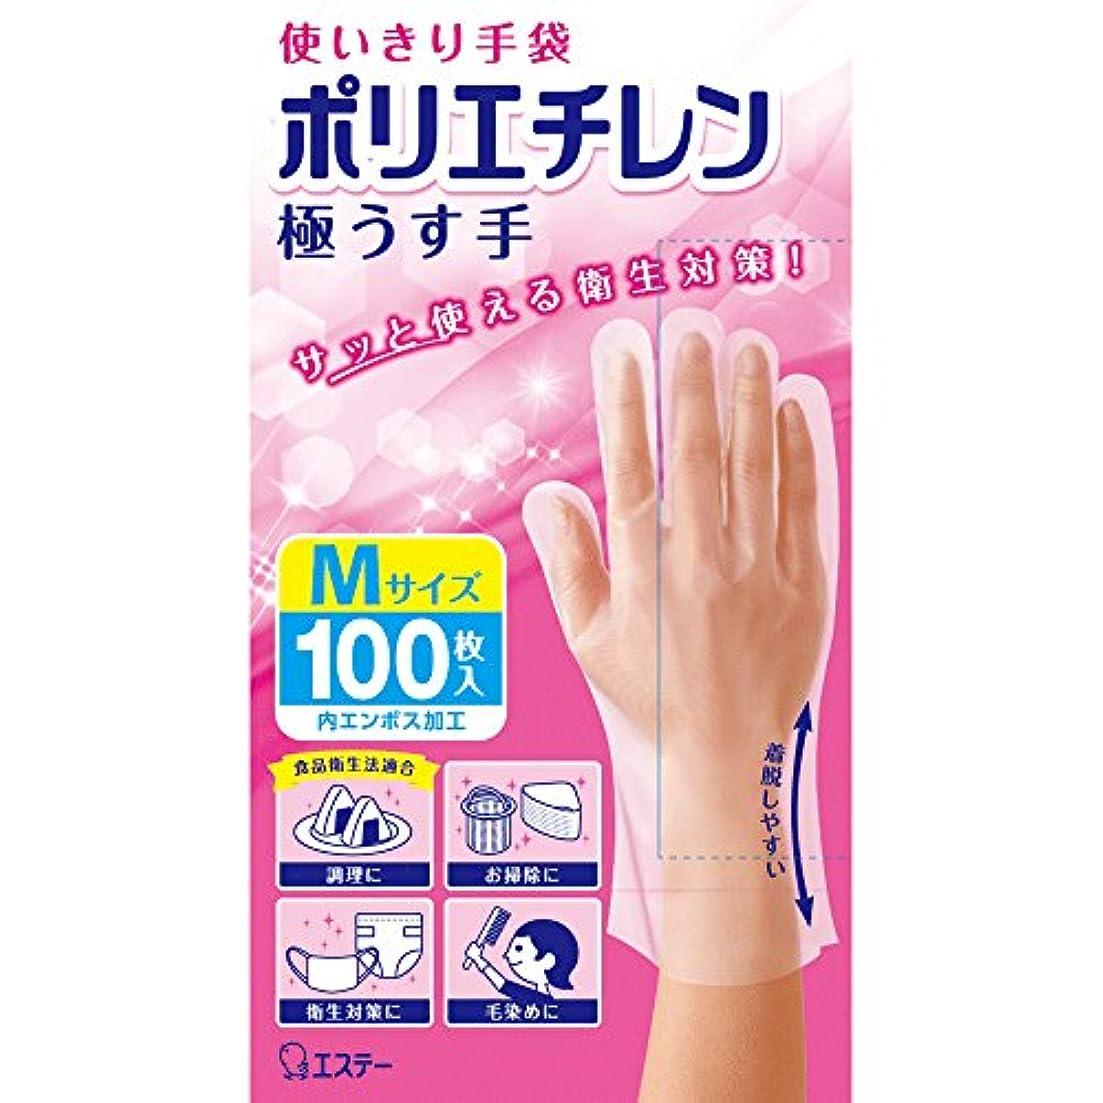 計画的より多いソーシャル使いきり手袋 ポリエチレン 極うす手 Mサイズ 半透明 100枚